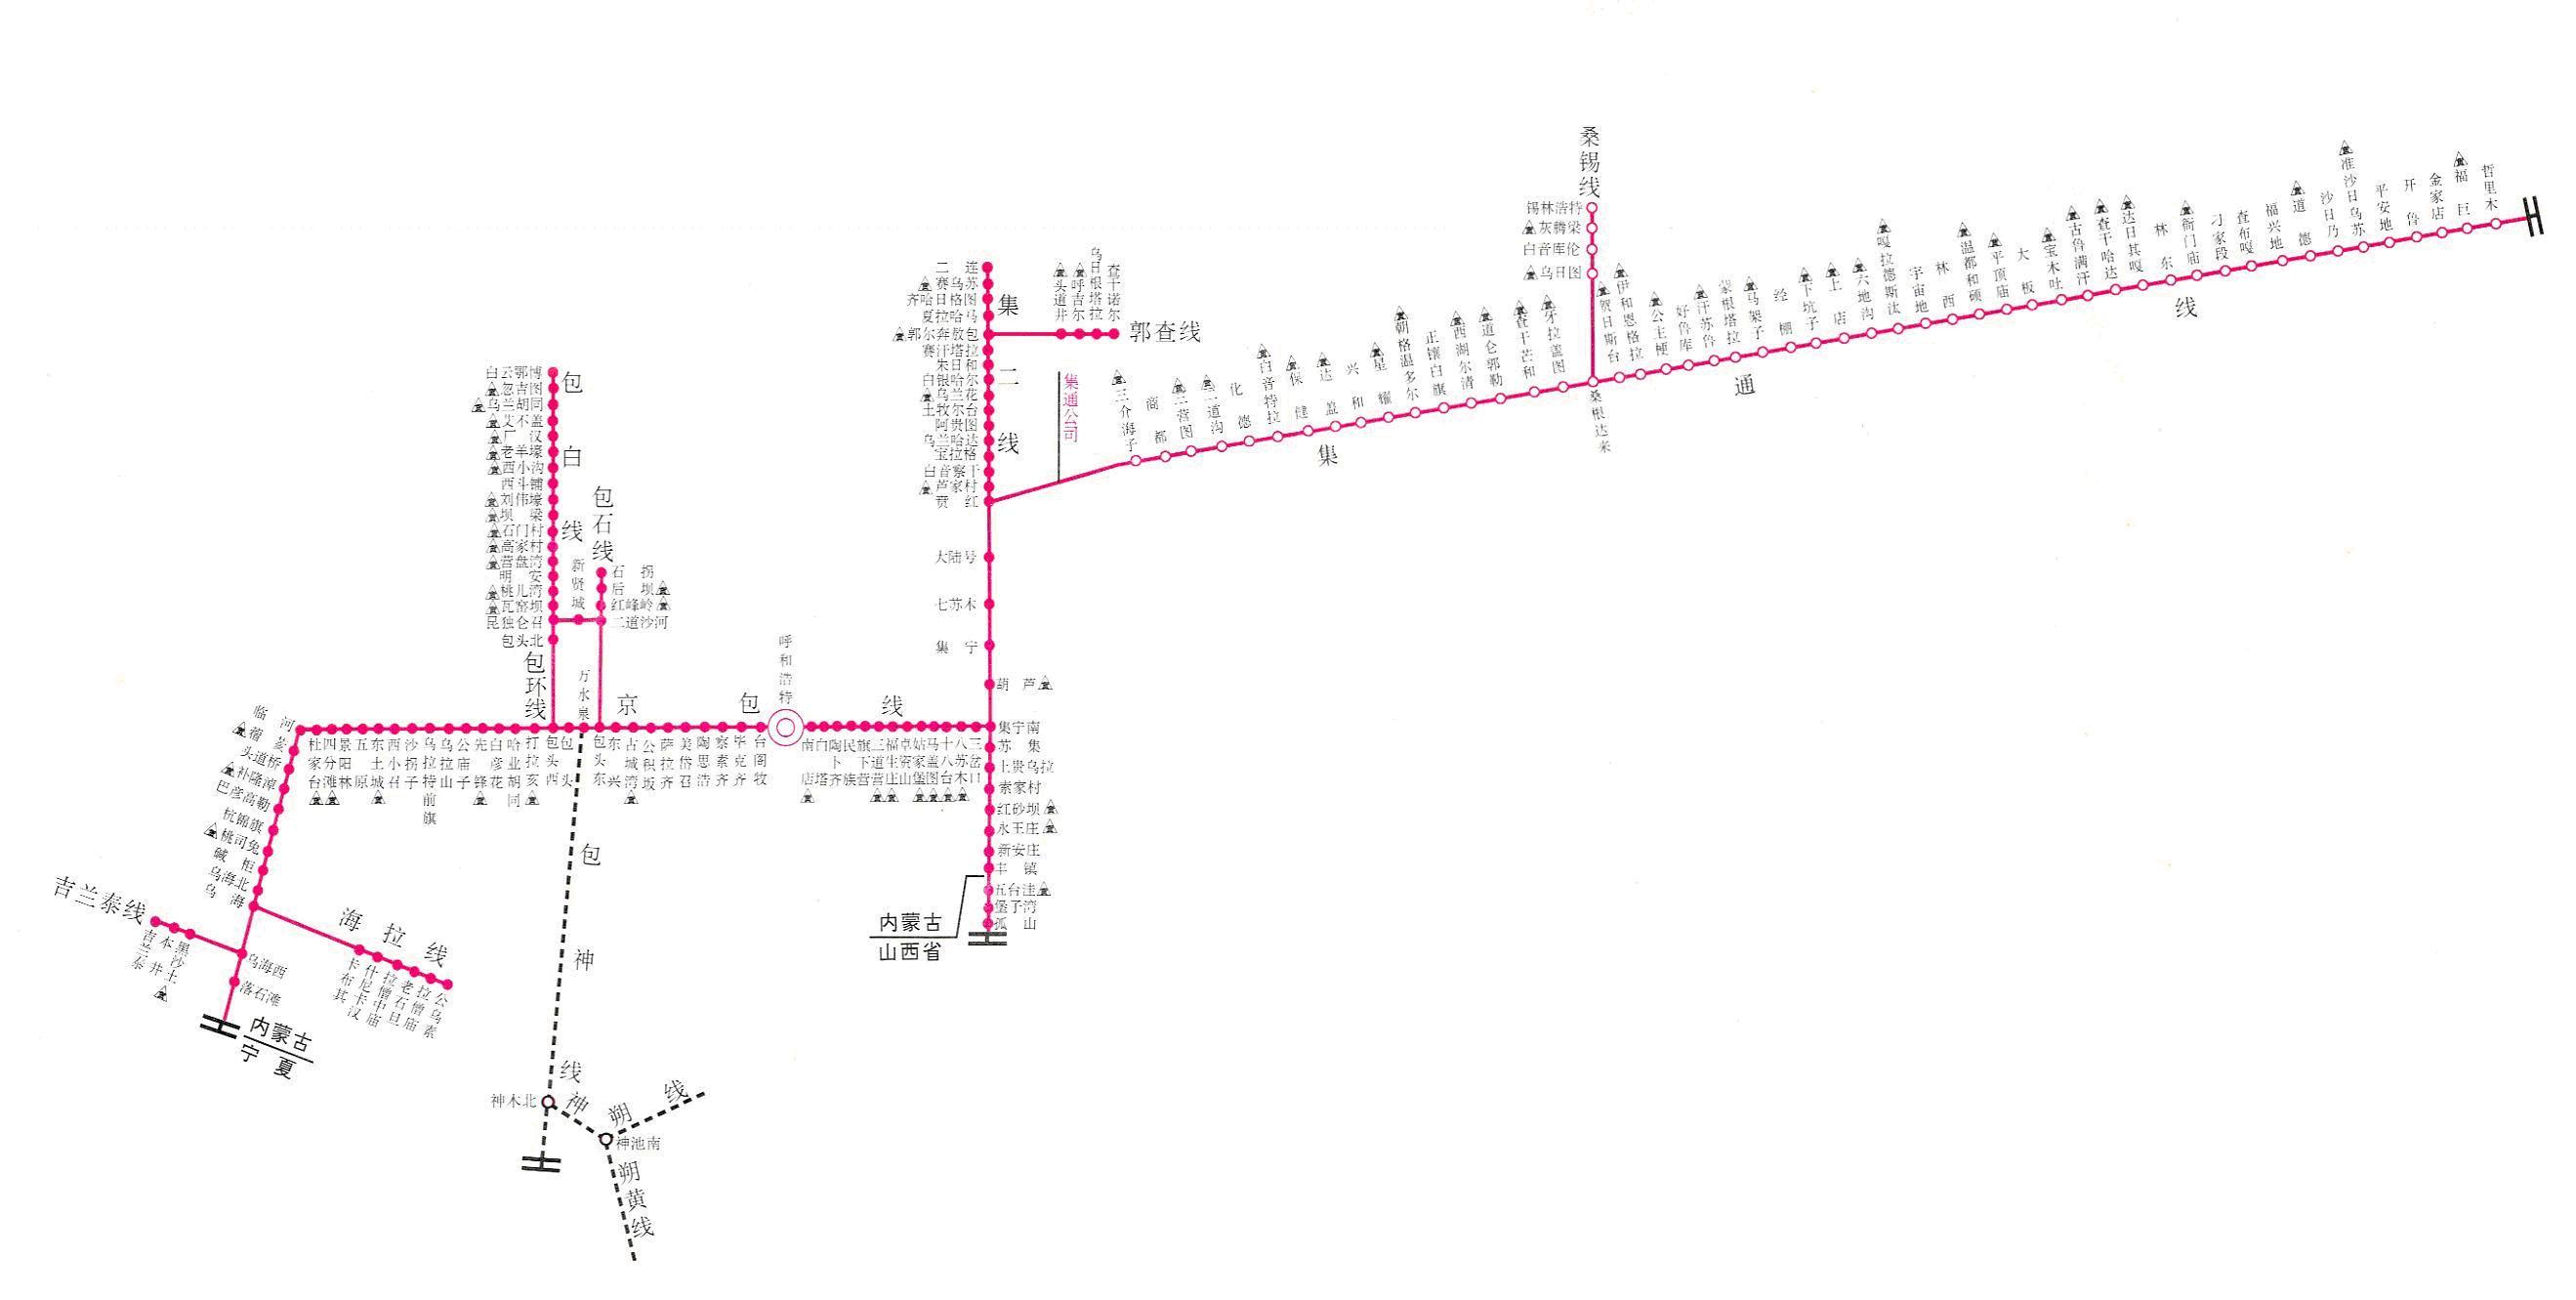 呼和浩特铁路局路线图